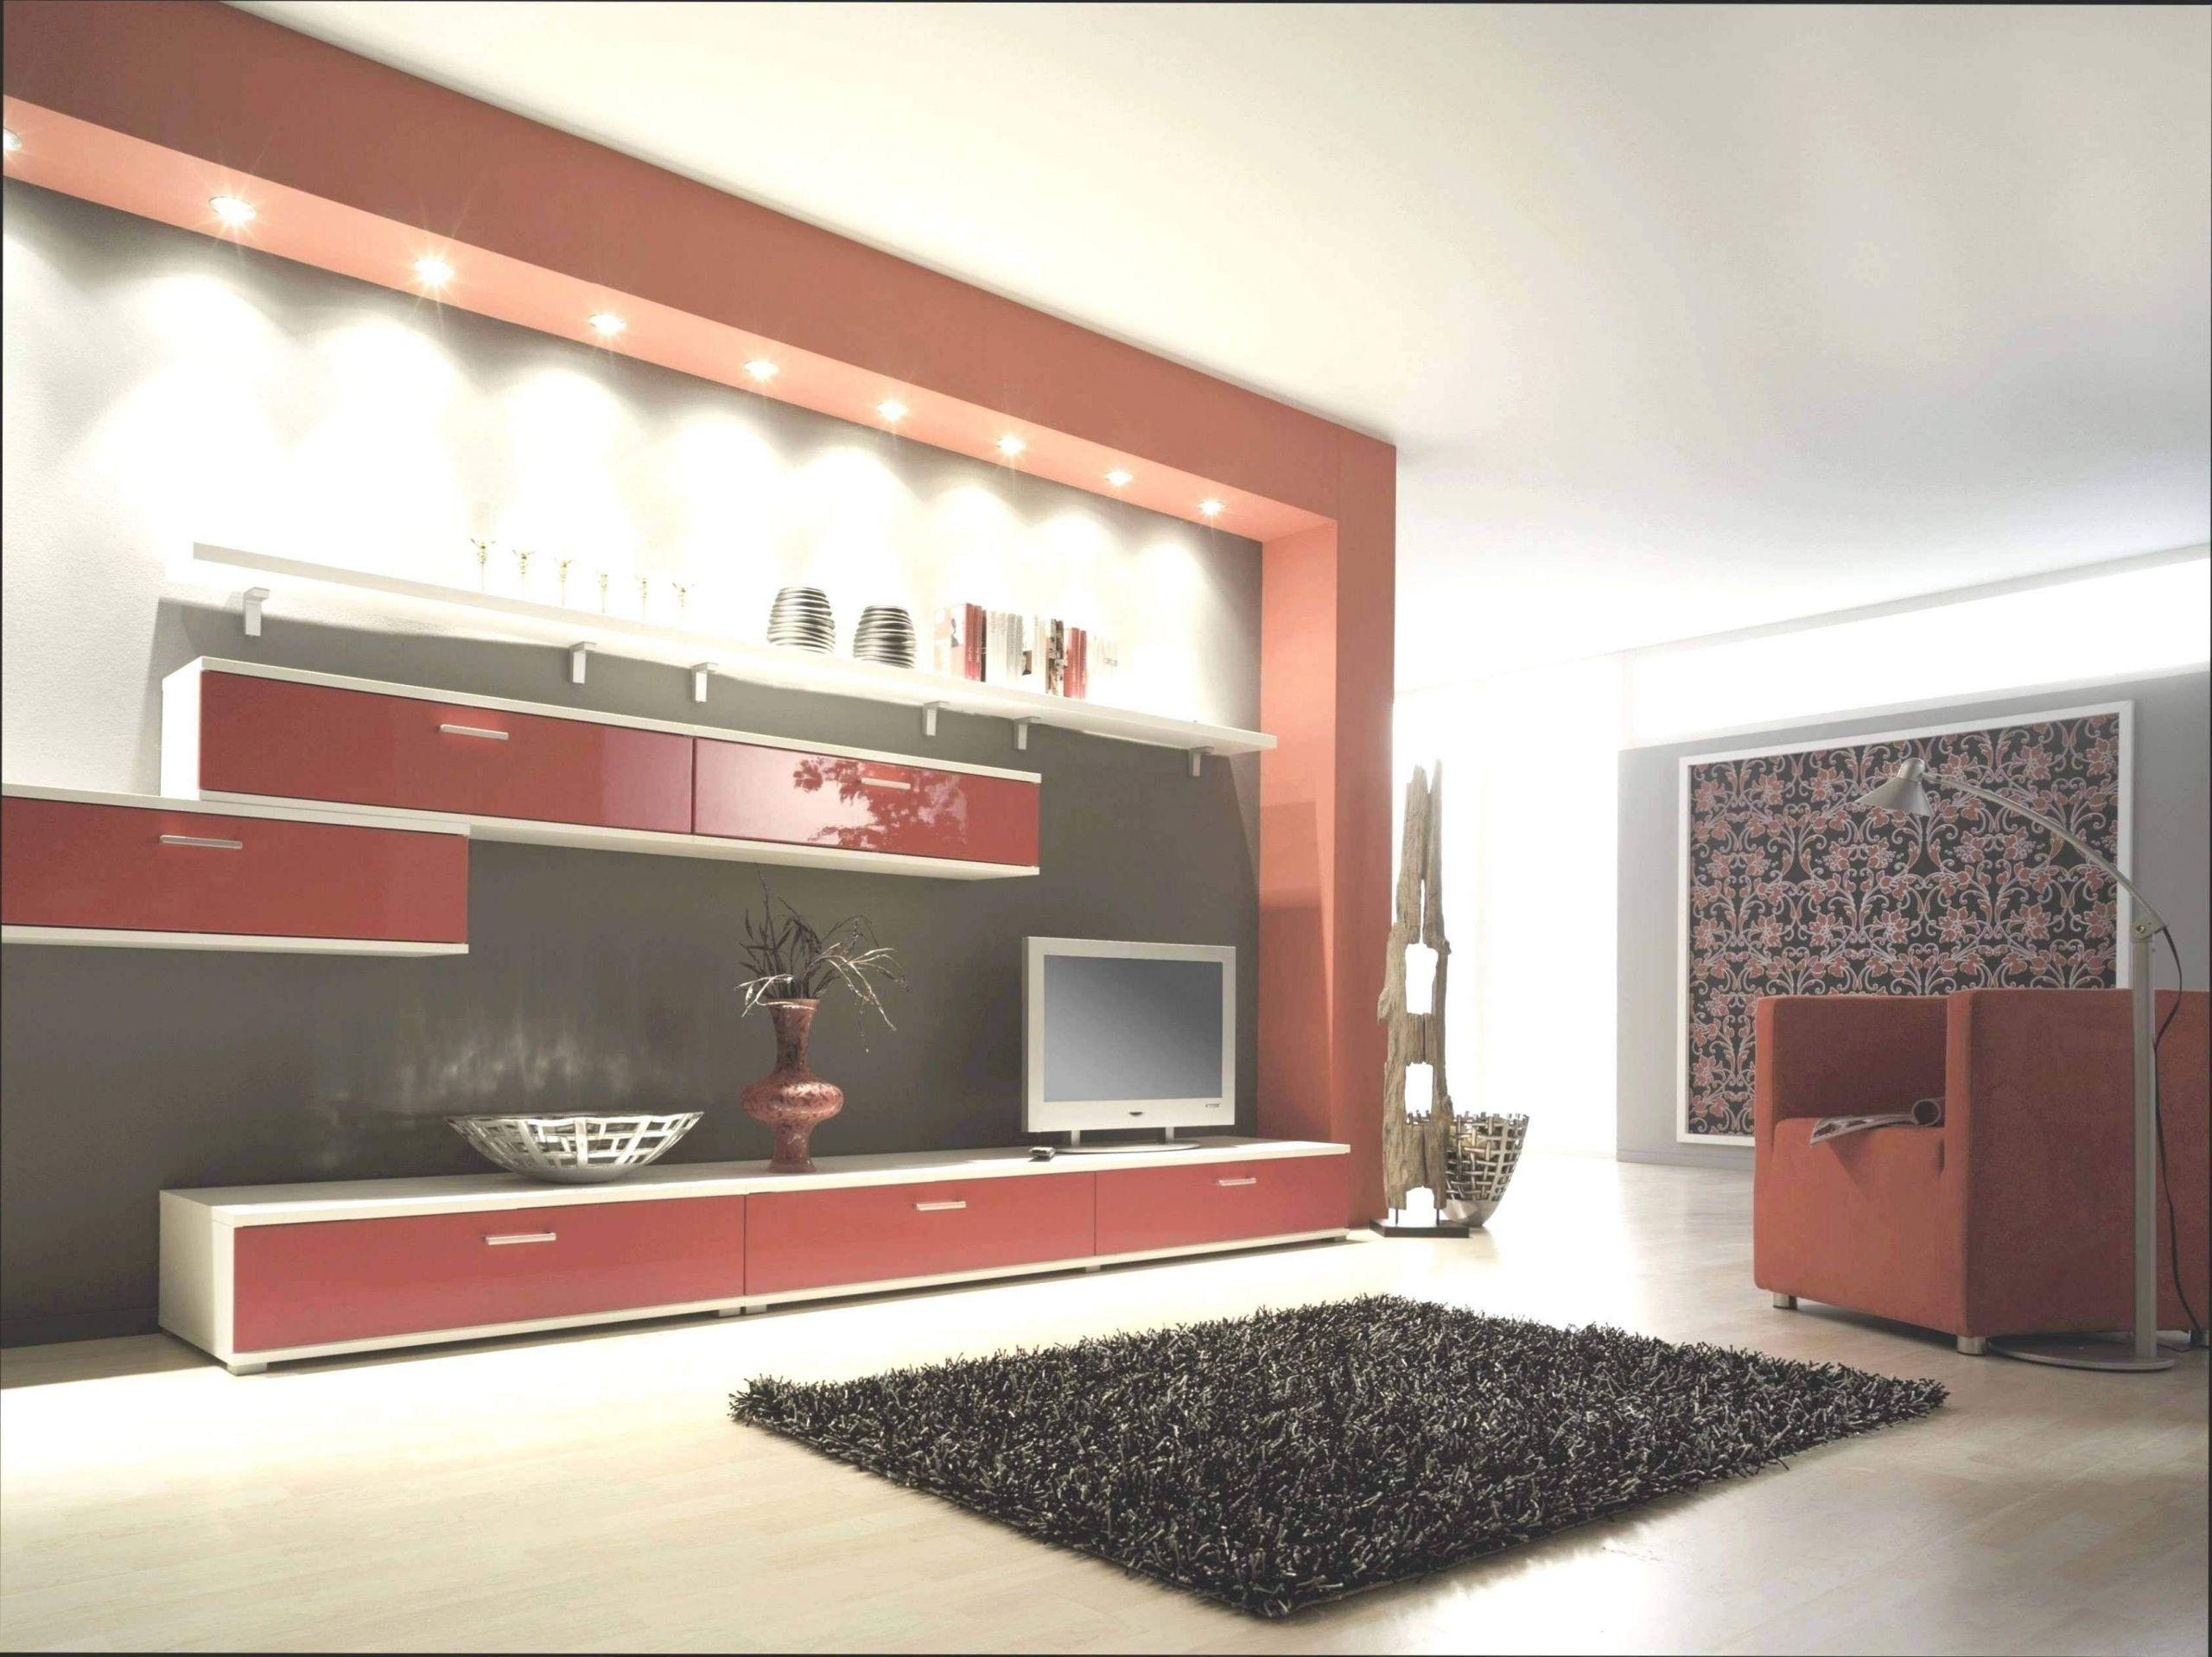 Full Size of Teppich Wohnzimmer Modern Moderne Teppiche Fr Inspirierend Reizend Deckenlampen Tapete Küche Stehlampe Rollo Schrankwand Hängeschrank Weiß Hochglanz Wohnzimmer Teppich Wohnzimmer Modern